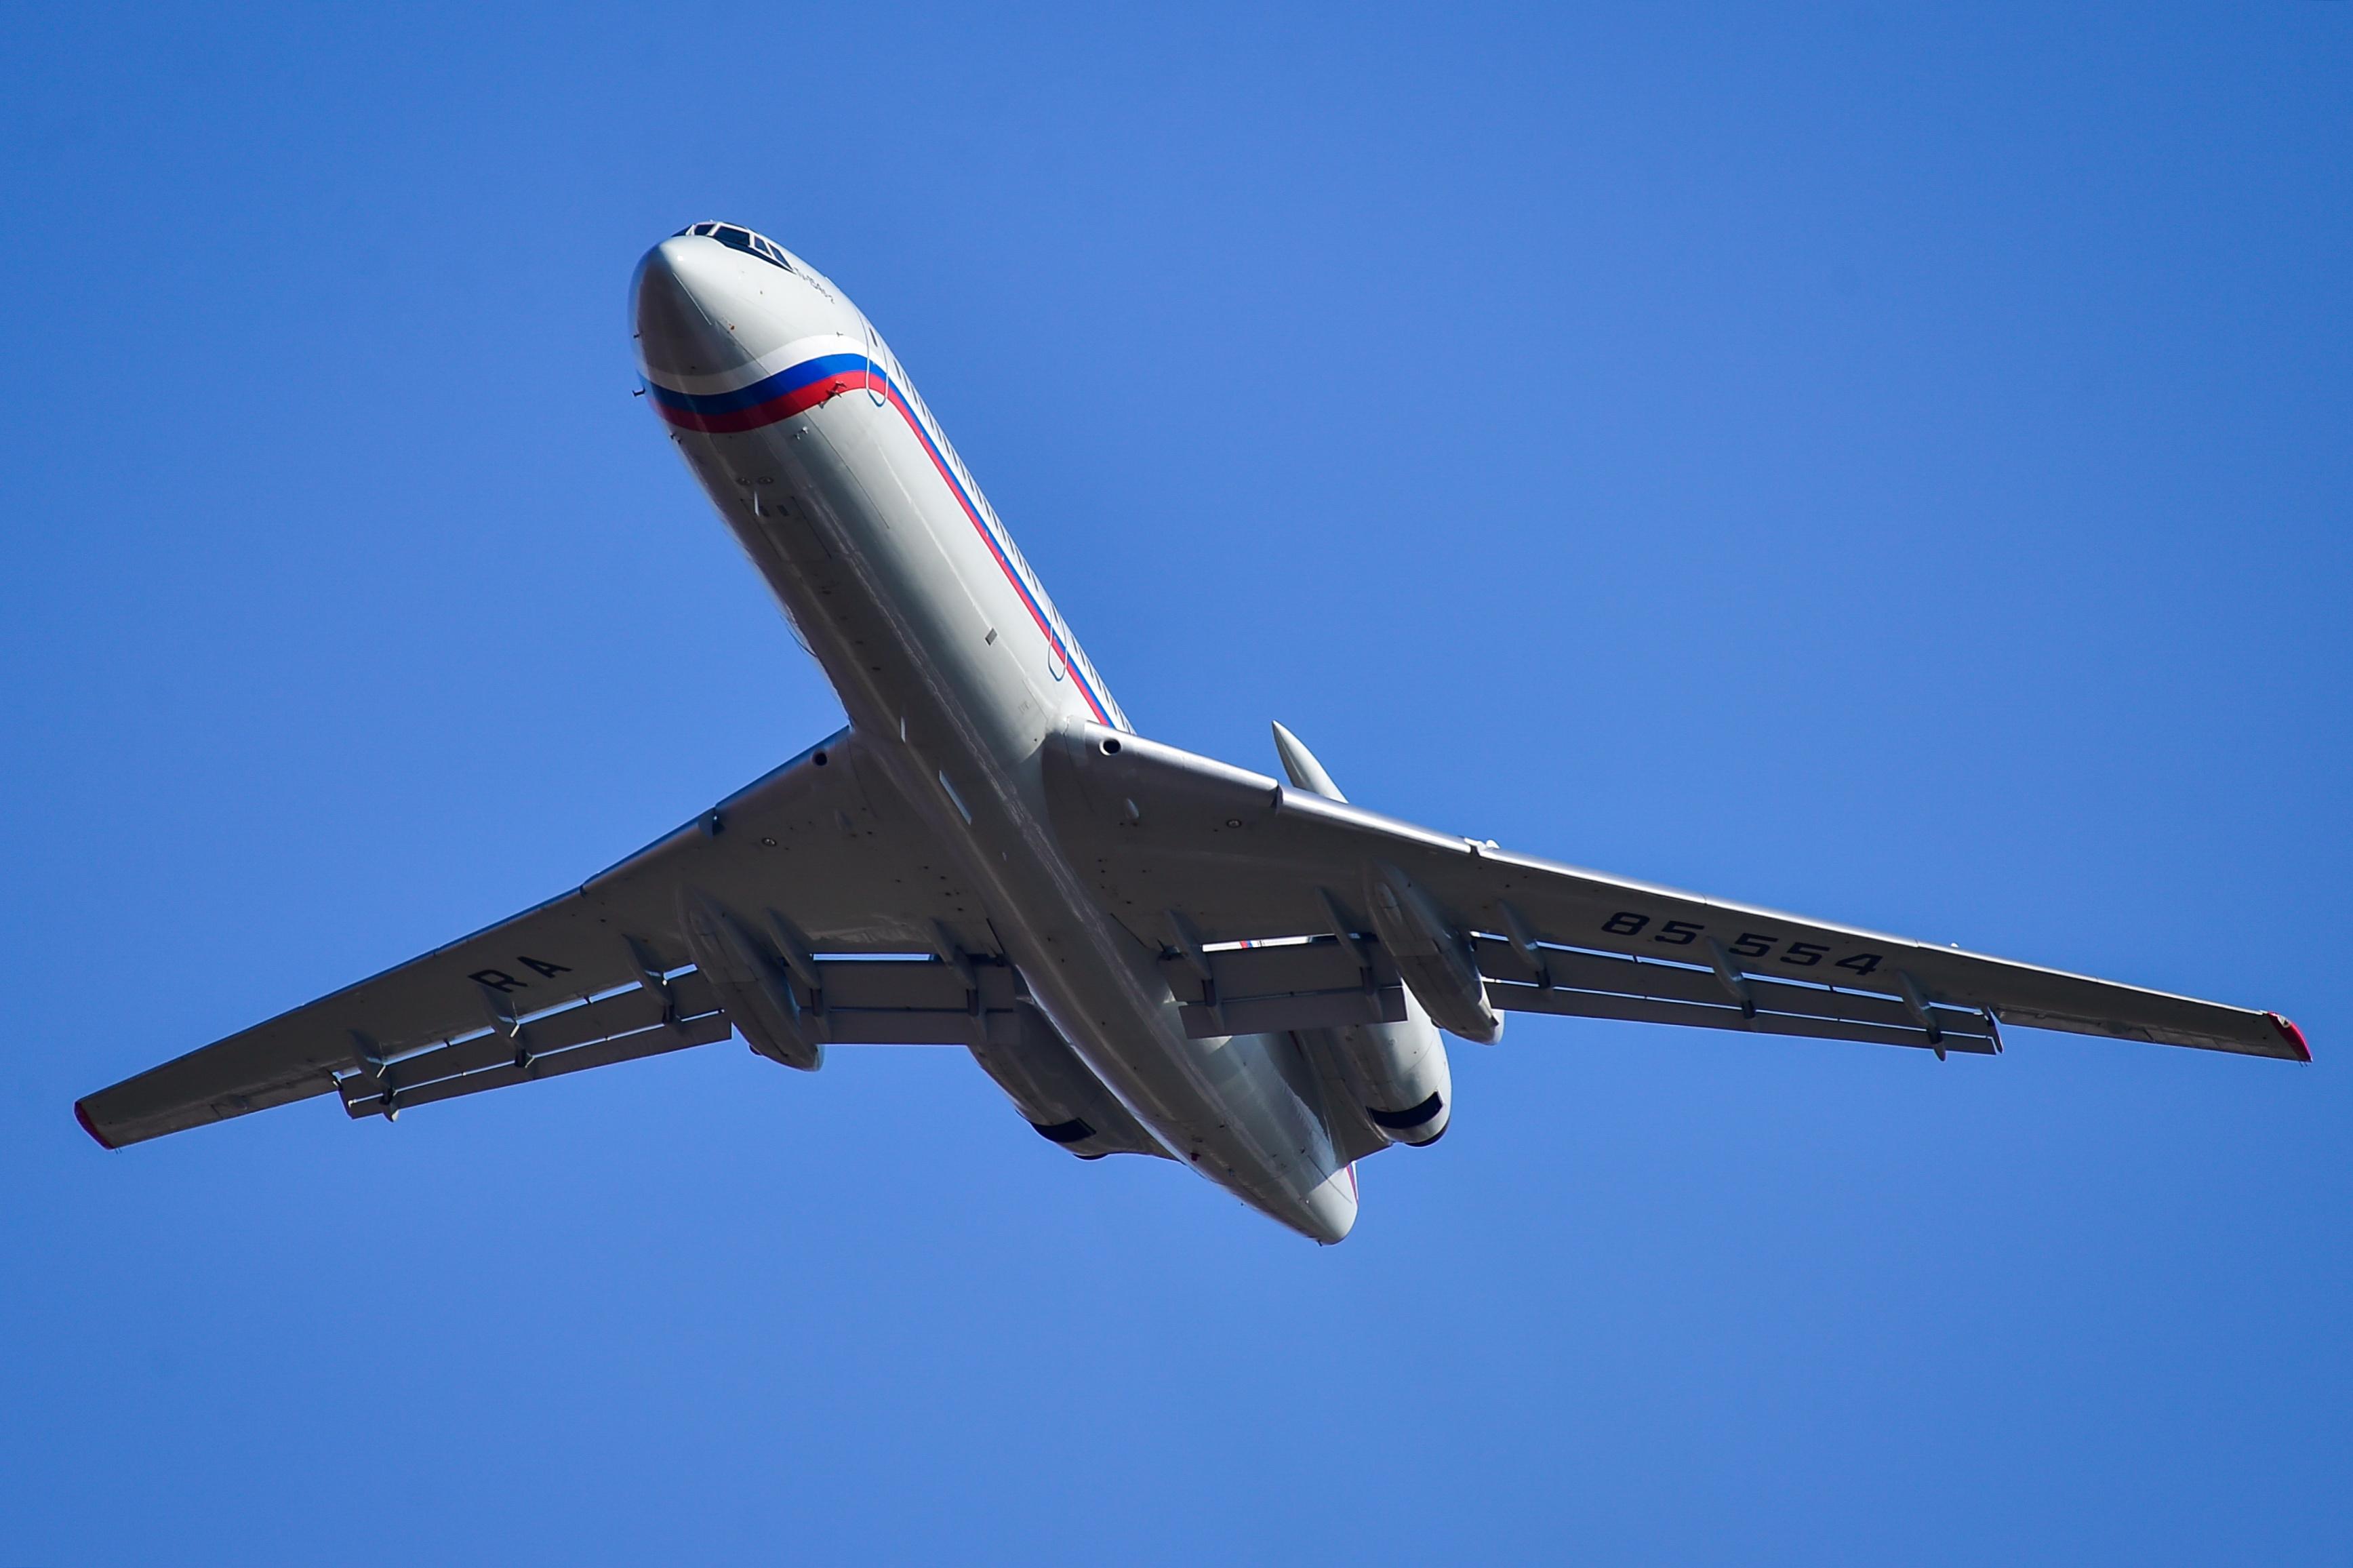 Советский авиалайнер Ту-154 совершил последний гражданский перелёт в России